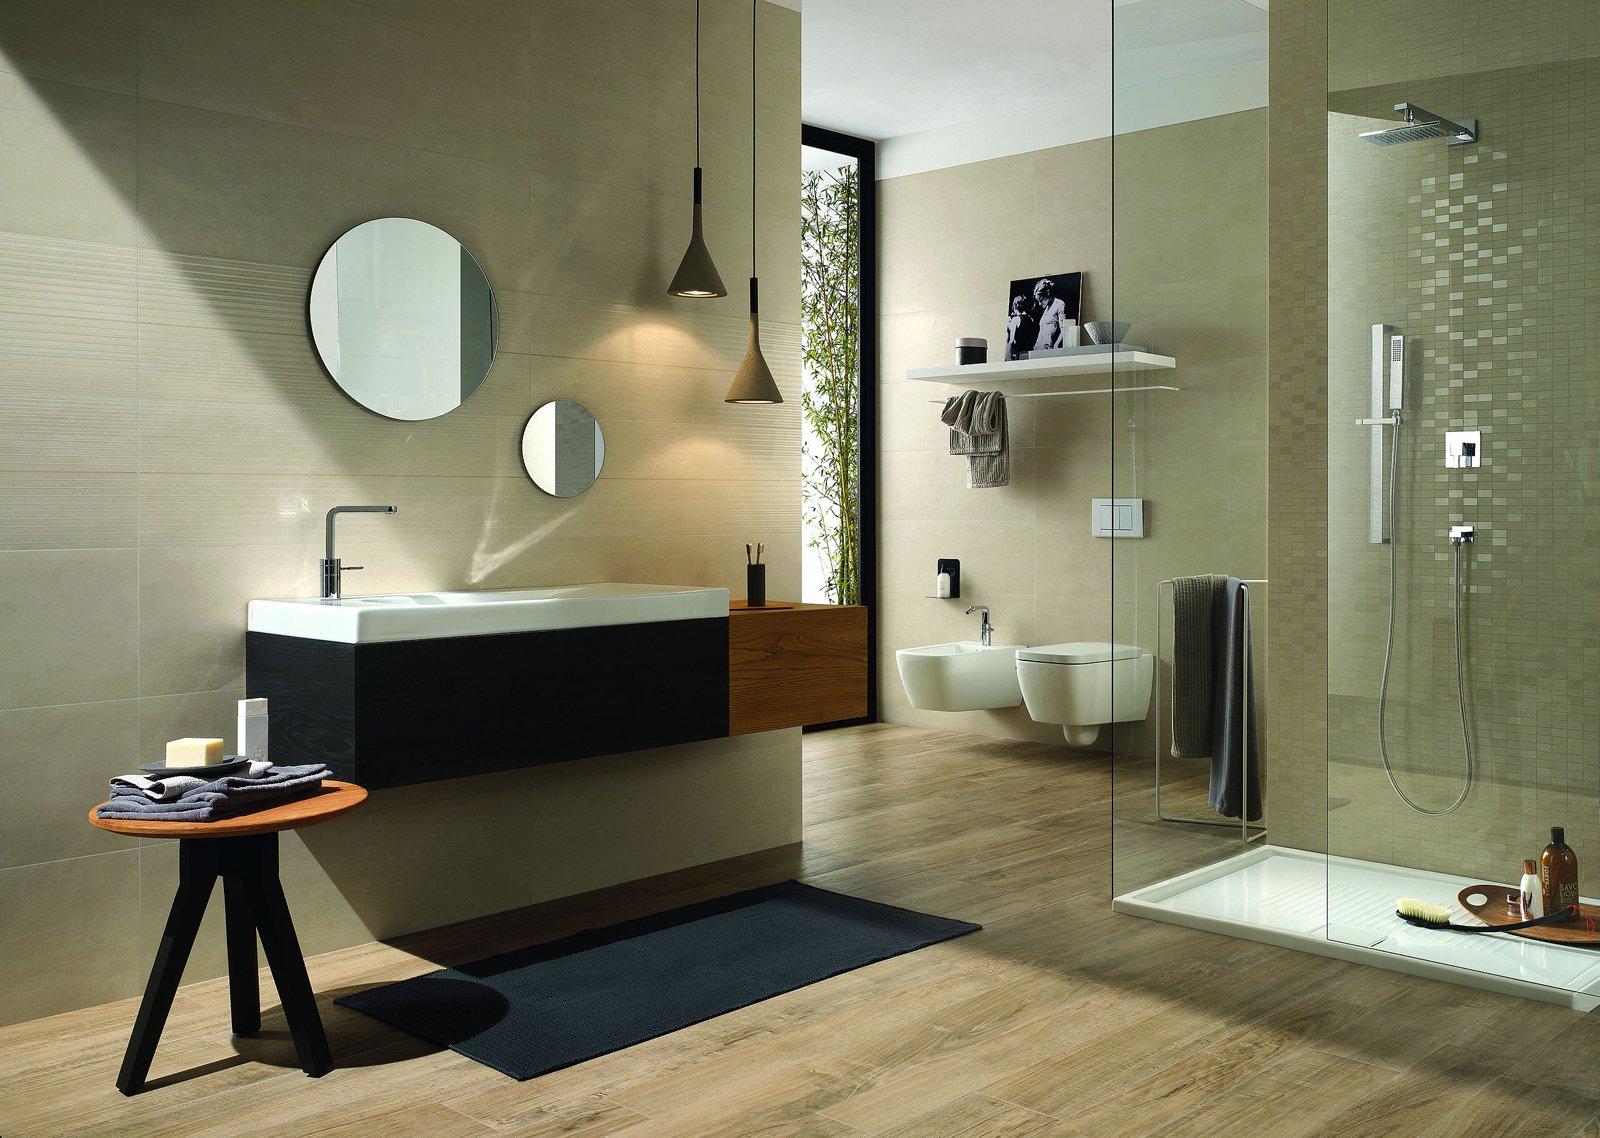 Piastrelle per il bagno tre stili diversi cose di casa - Idee mattonelle bagno ...